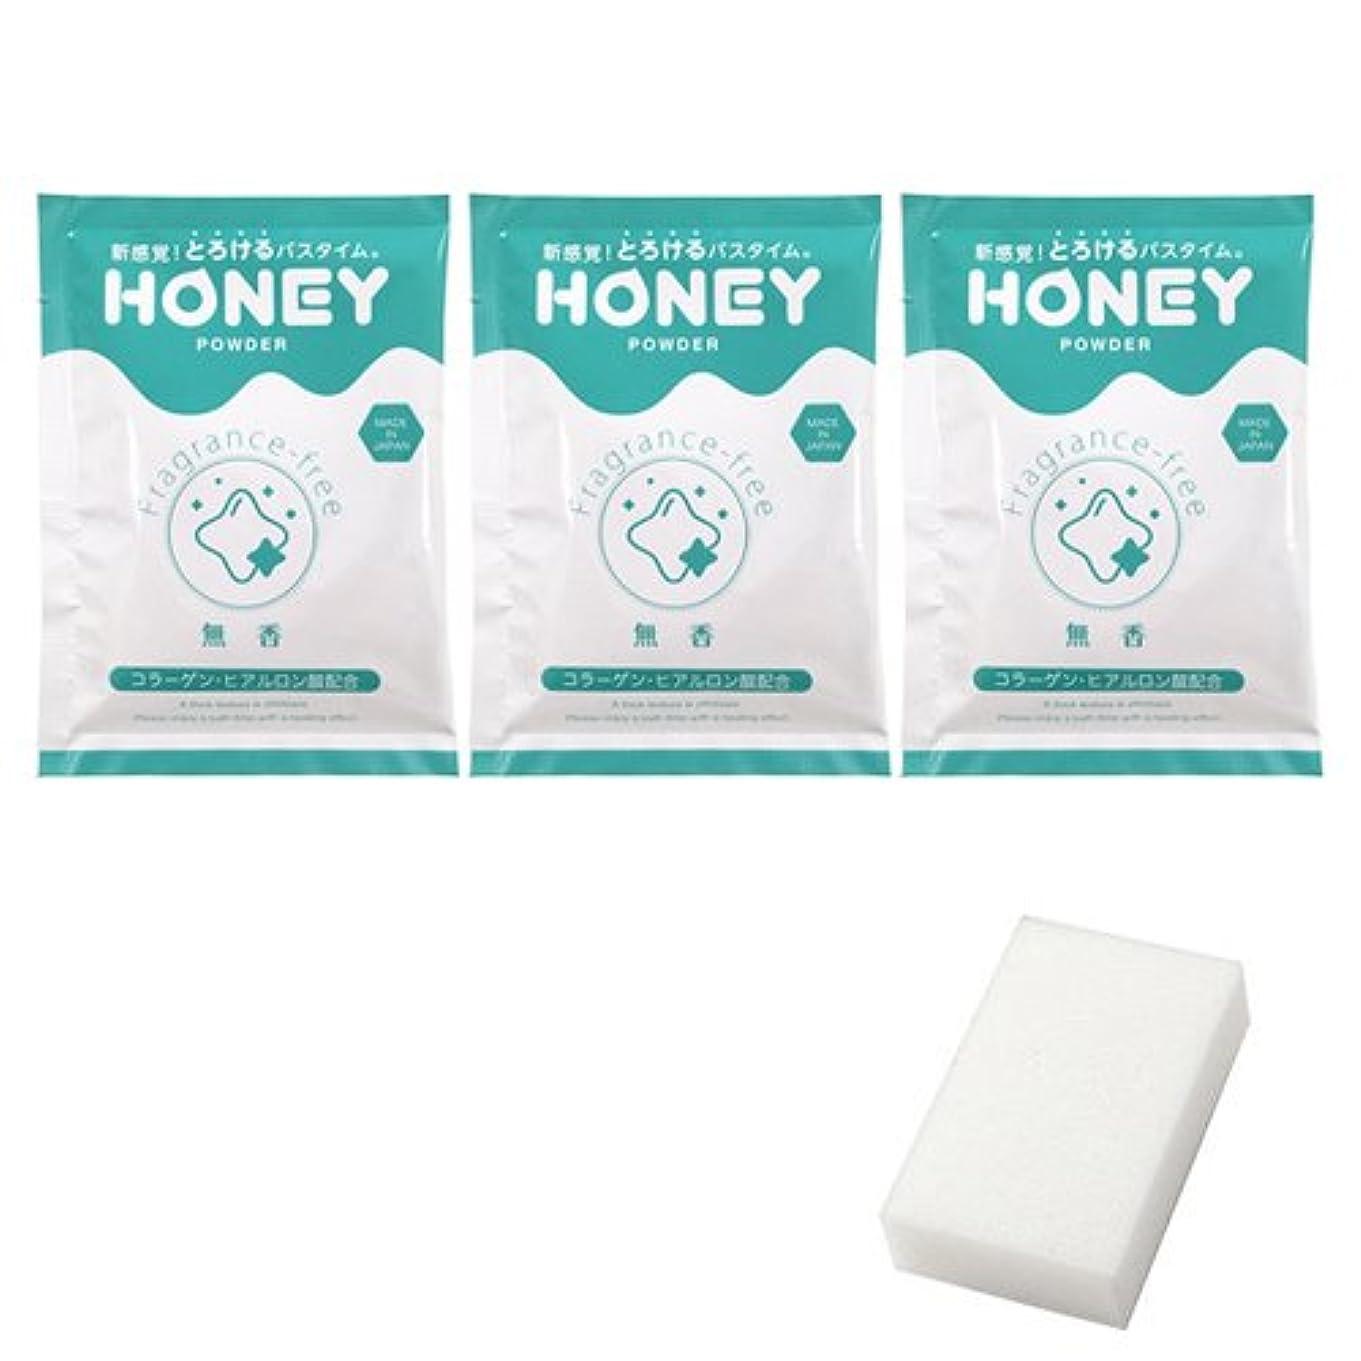 言い換えると岸調和のとれたとろとろ入浴剤【honey powder】(ハニーパウダー) 無香タイプ 3個セット + 圧縮スポンジセット